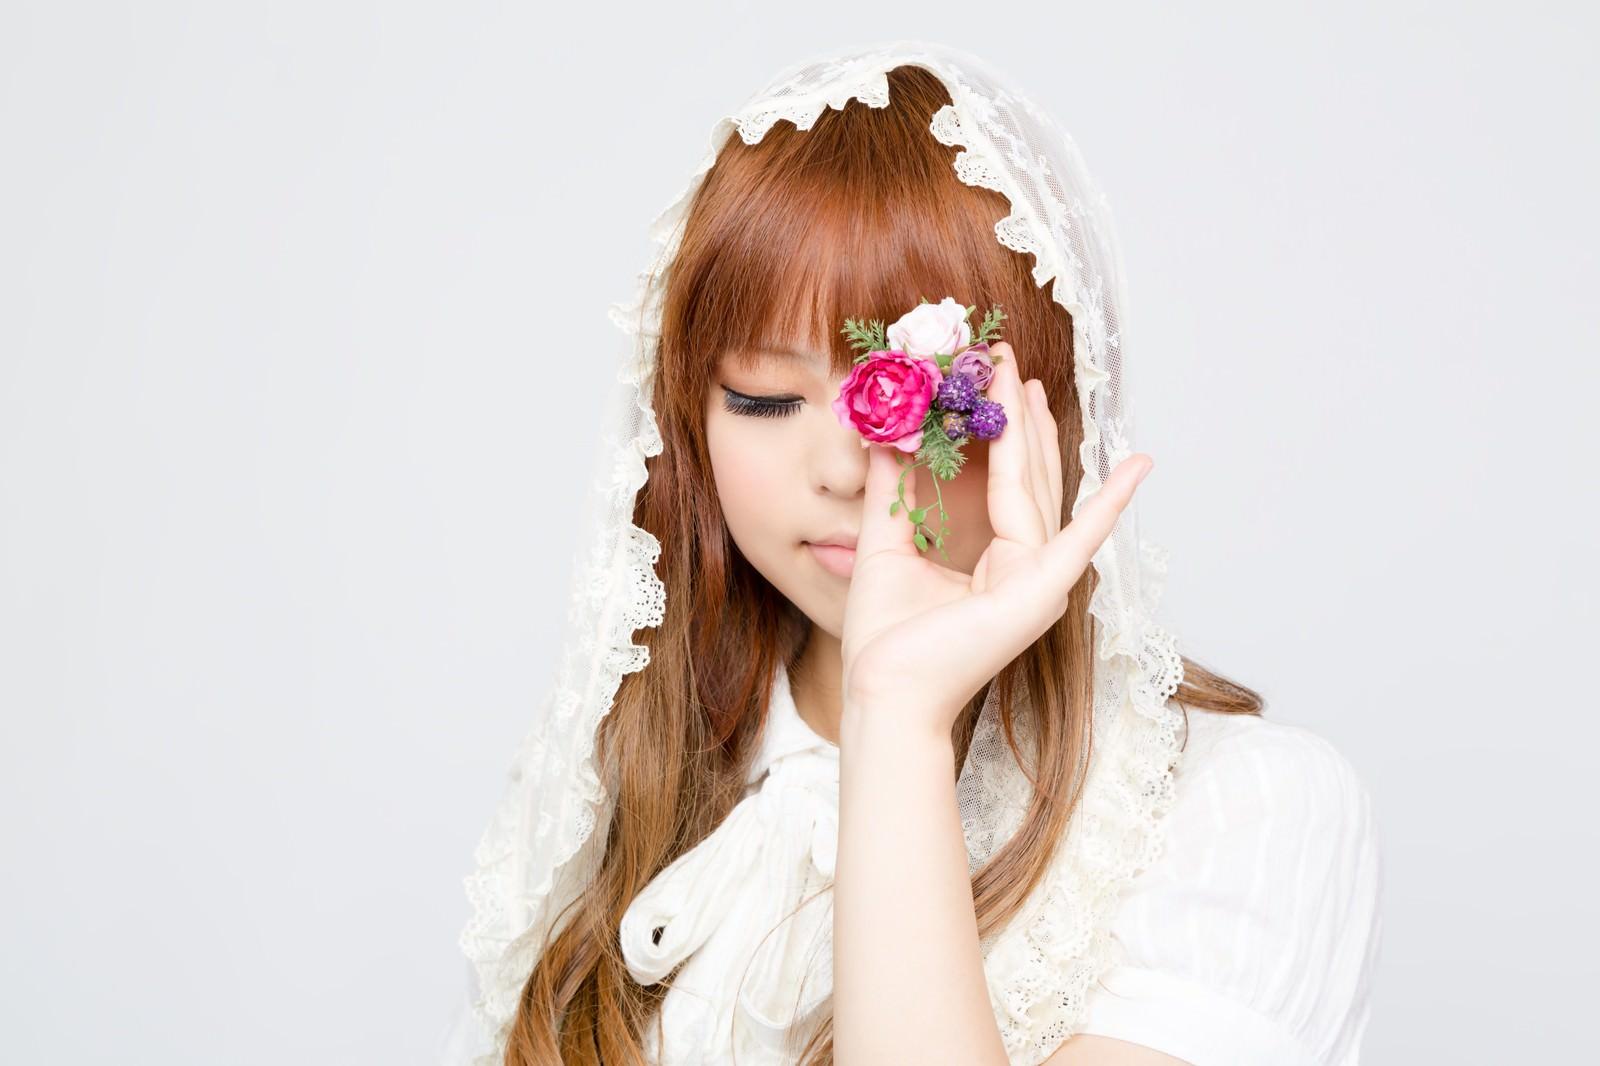 「花のアクセサリーで遊ぶゆるふわな女の子花のアクセサリーで遊ぶゆるふわな女の子」[モデル:あみ]のフリー写真素材を拡大